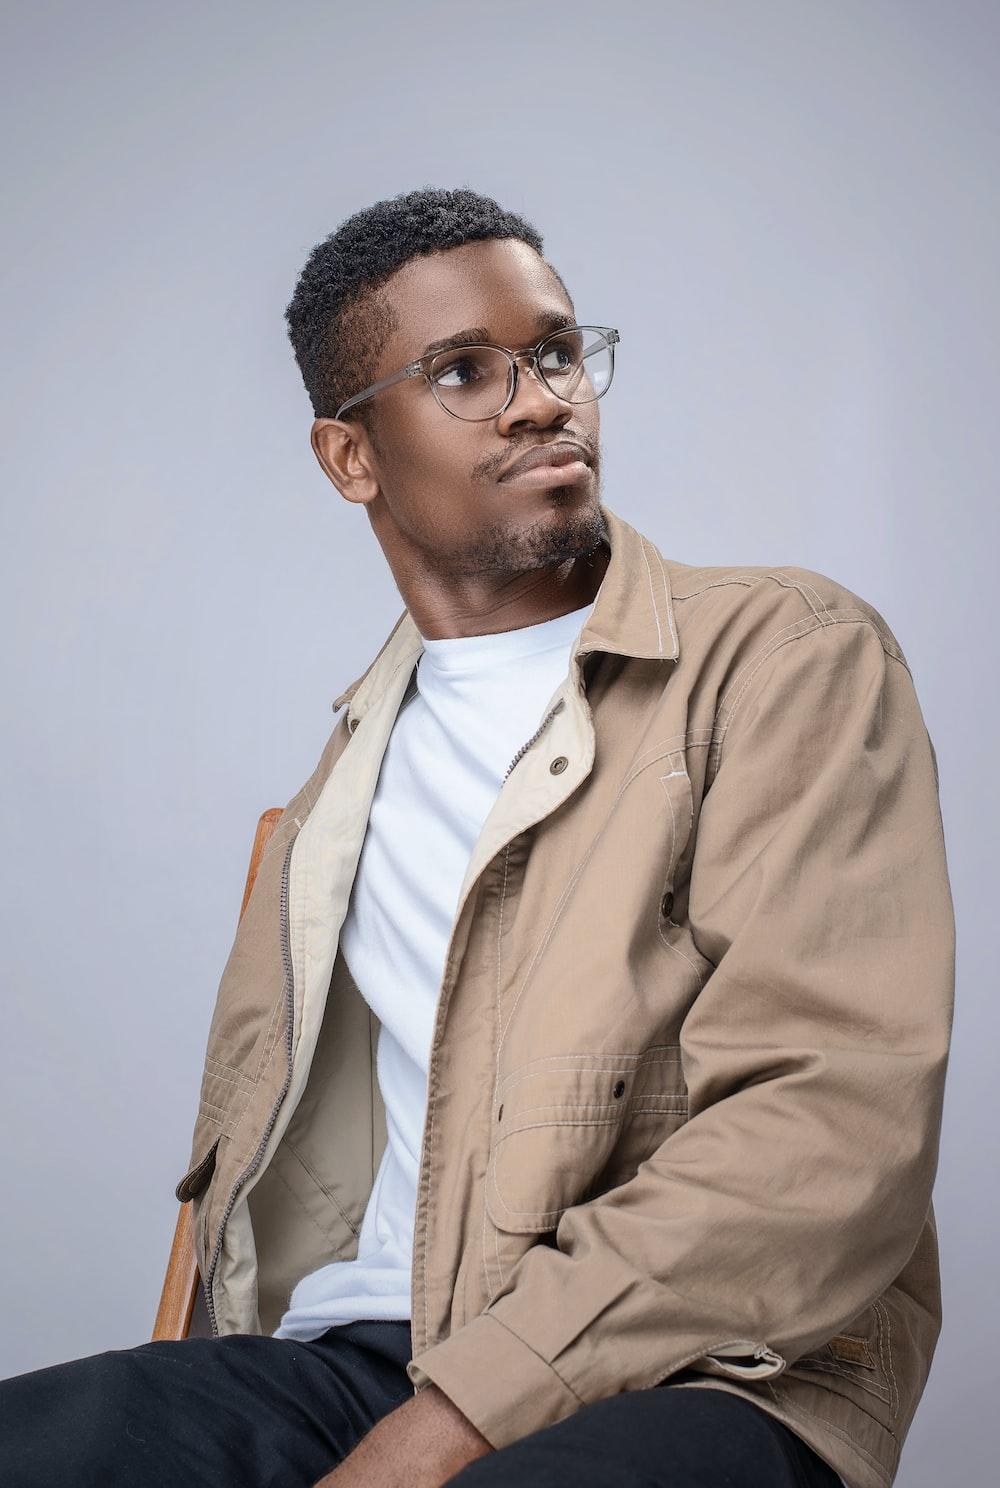 man in brown button up jacket wearing black framed eyeglasses